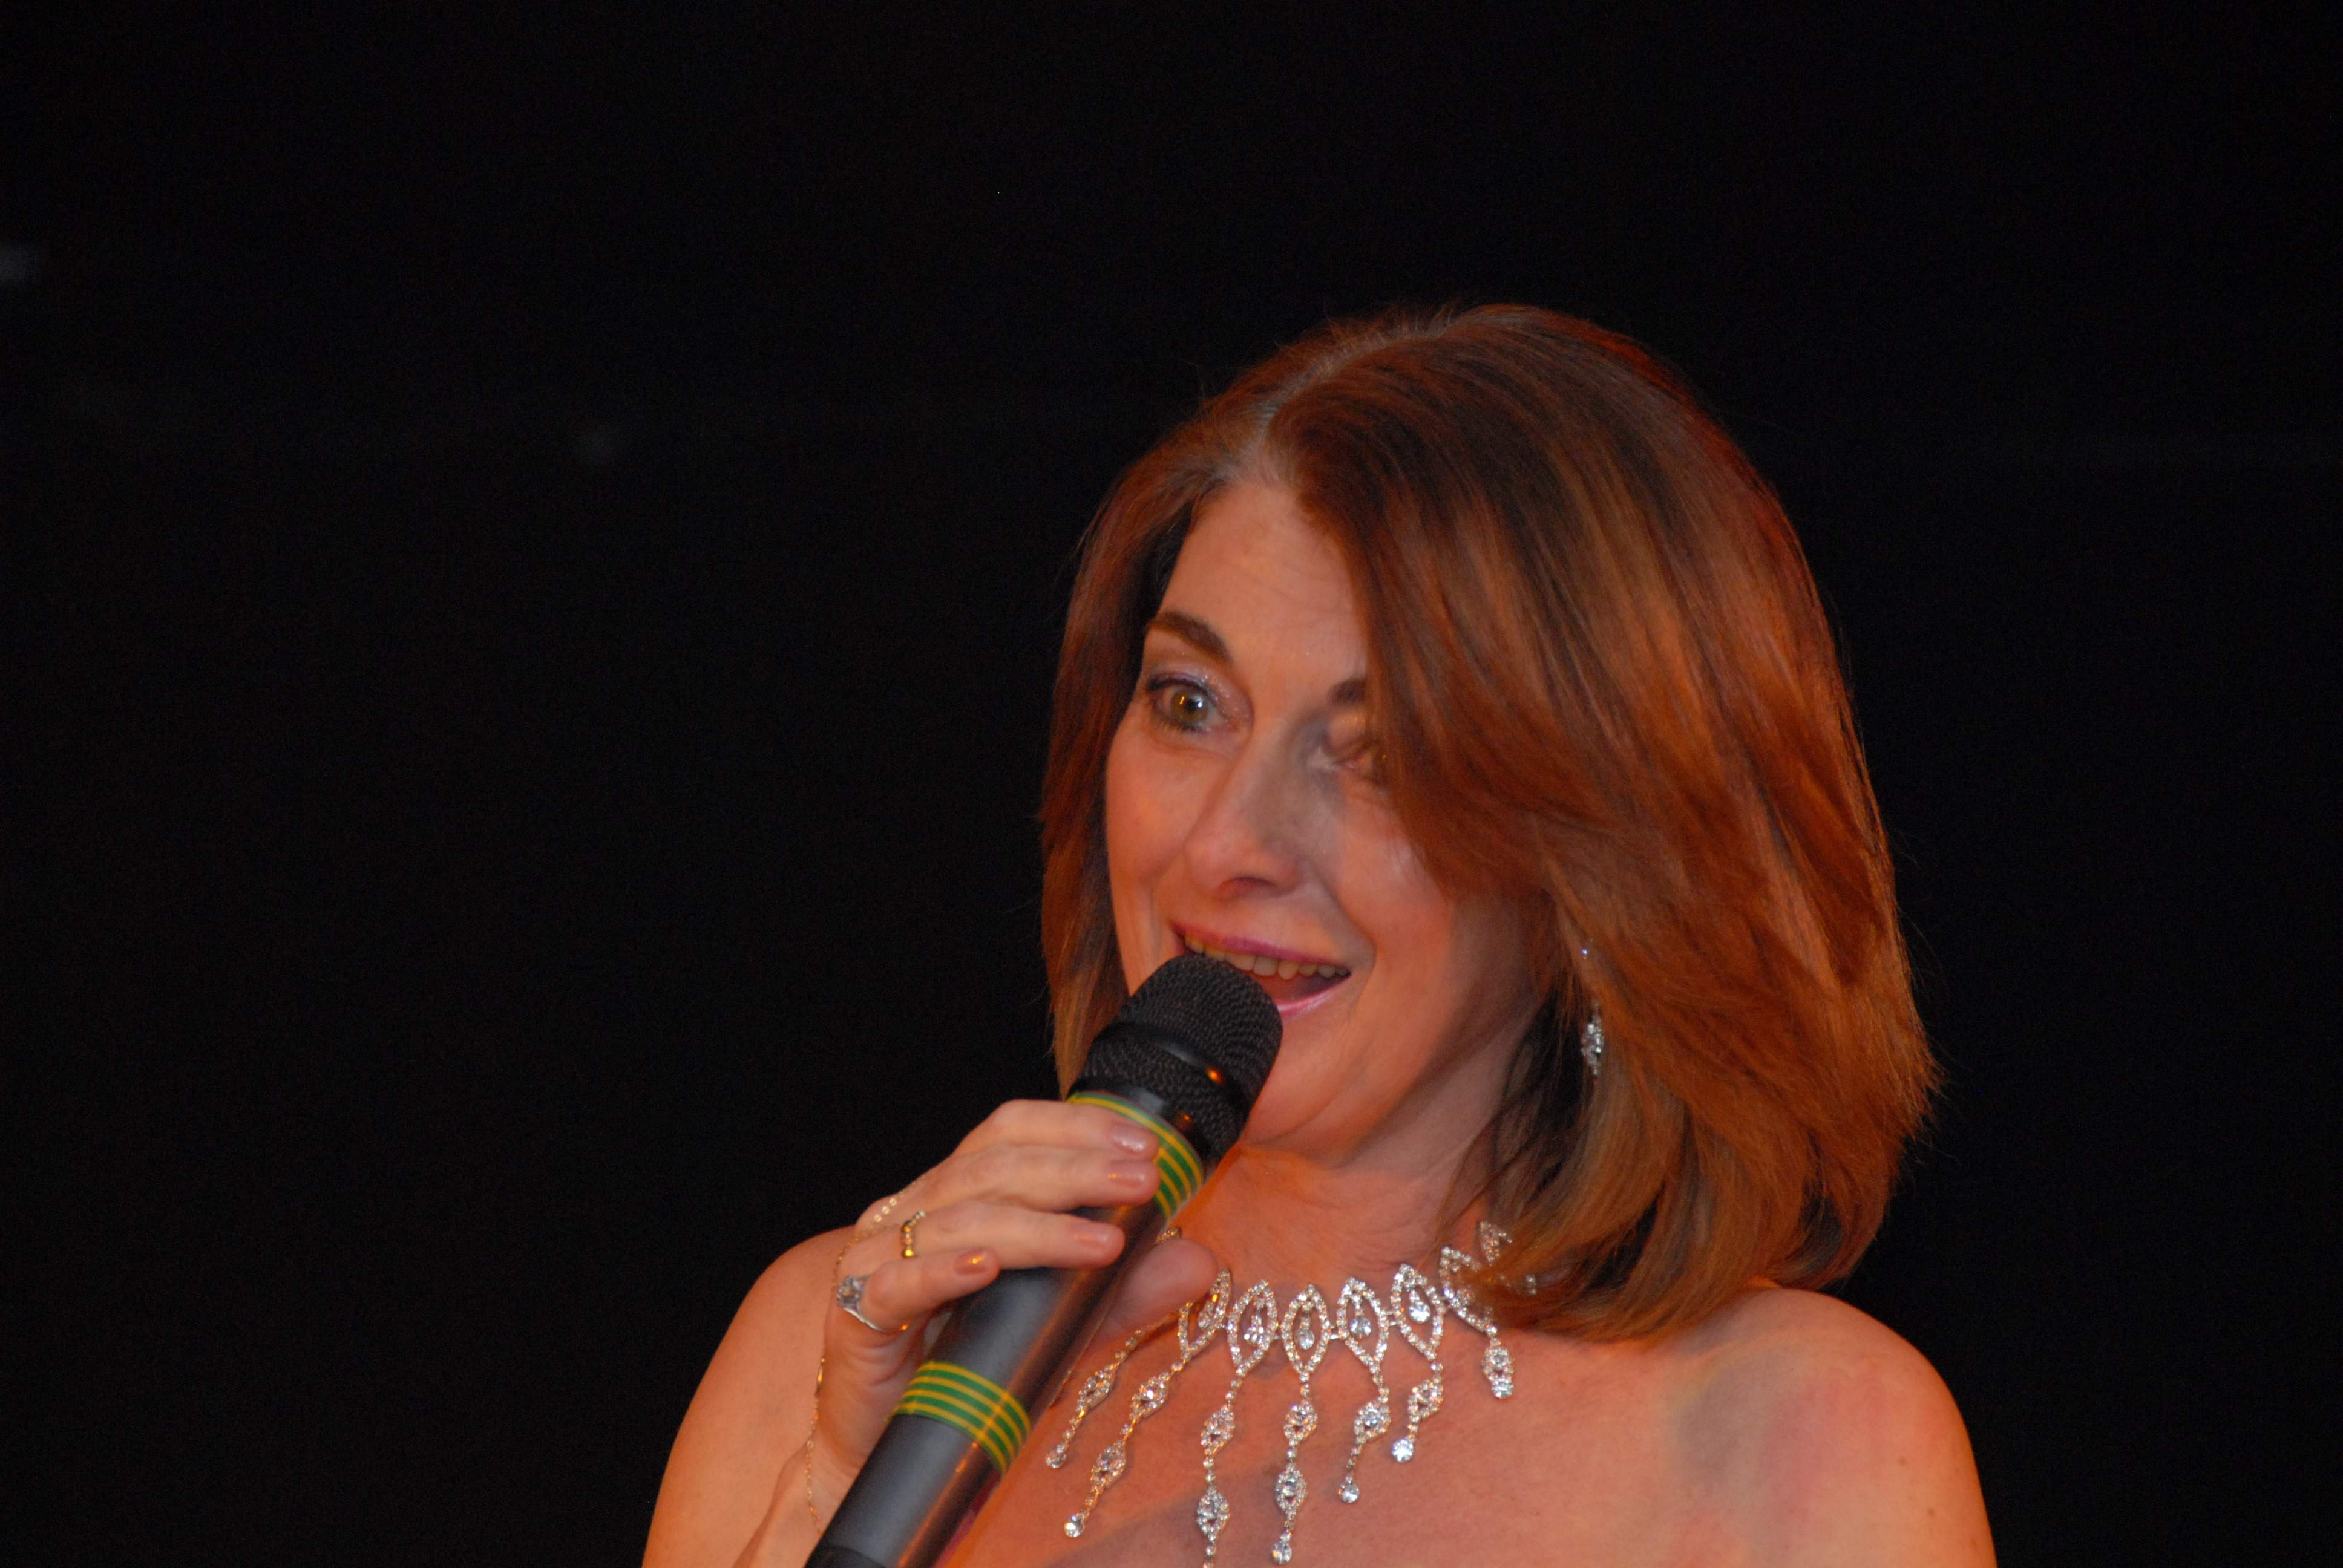 Jany chanteuse de variété propose : Concerts - Animations Dansantes.